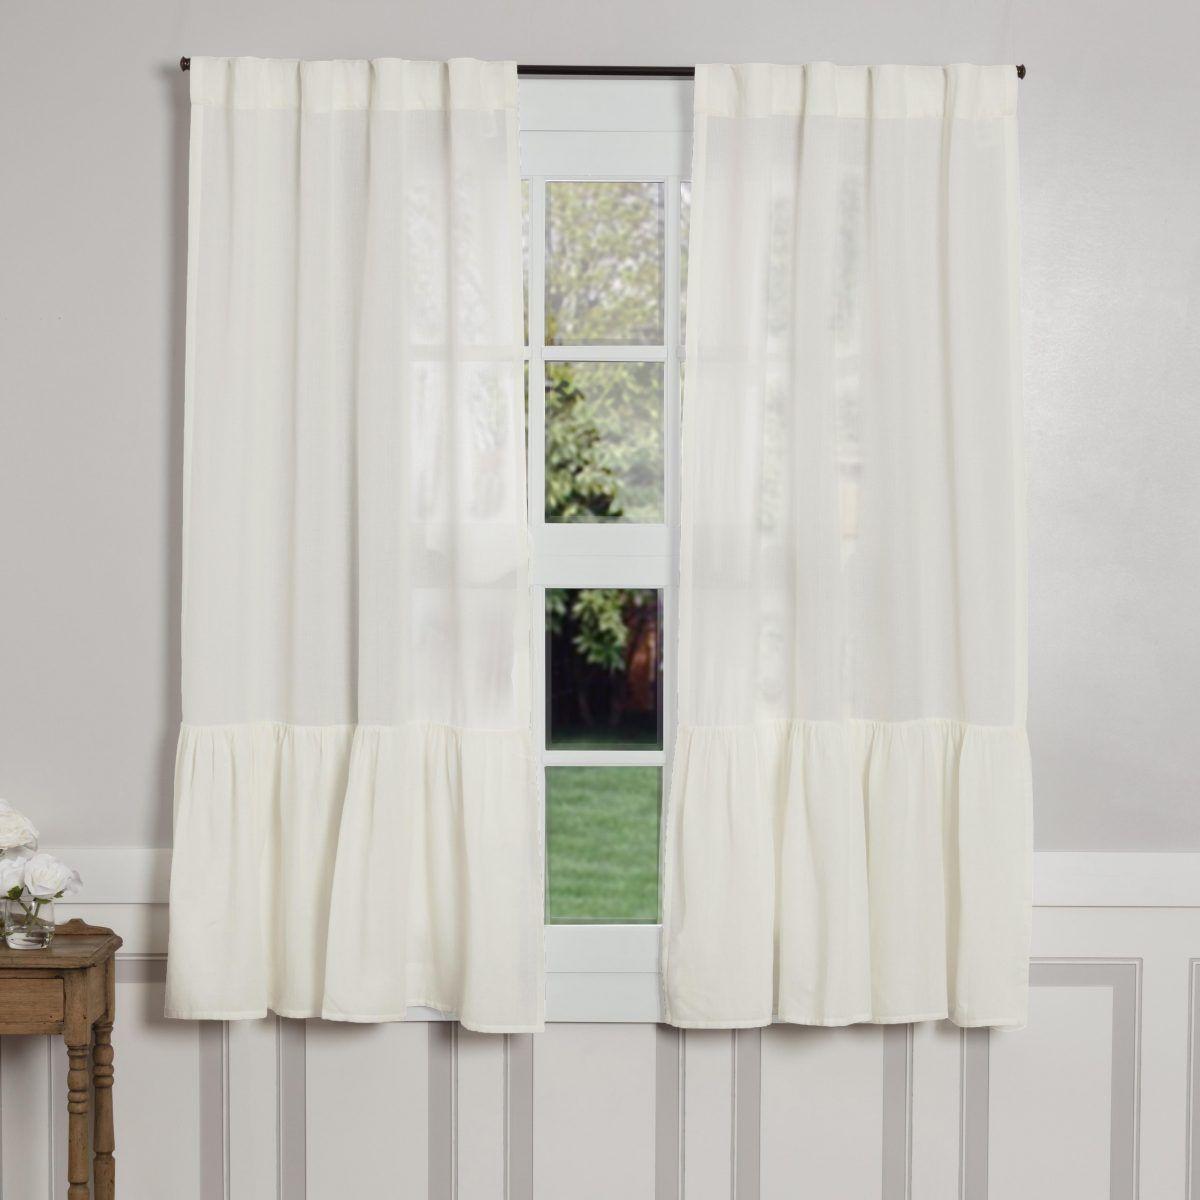 Annabelle High Ruffle Panels 63 Curtains White Ruffle Curtains Farmhouse Curtains